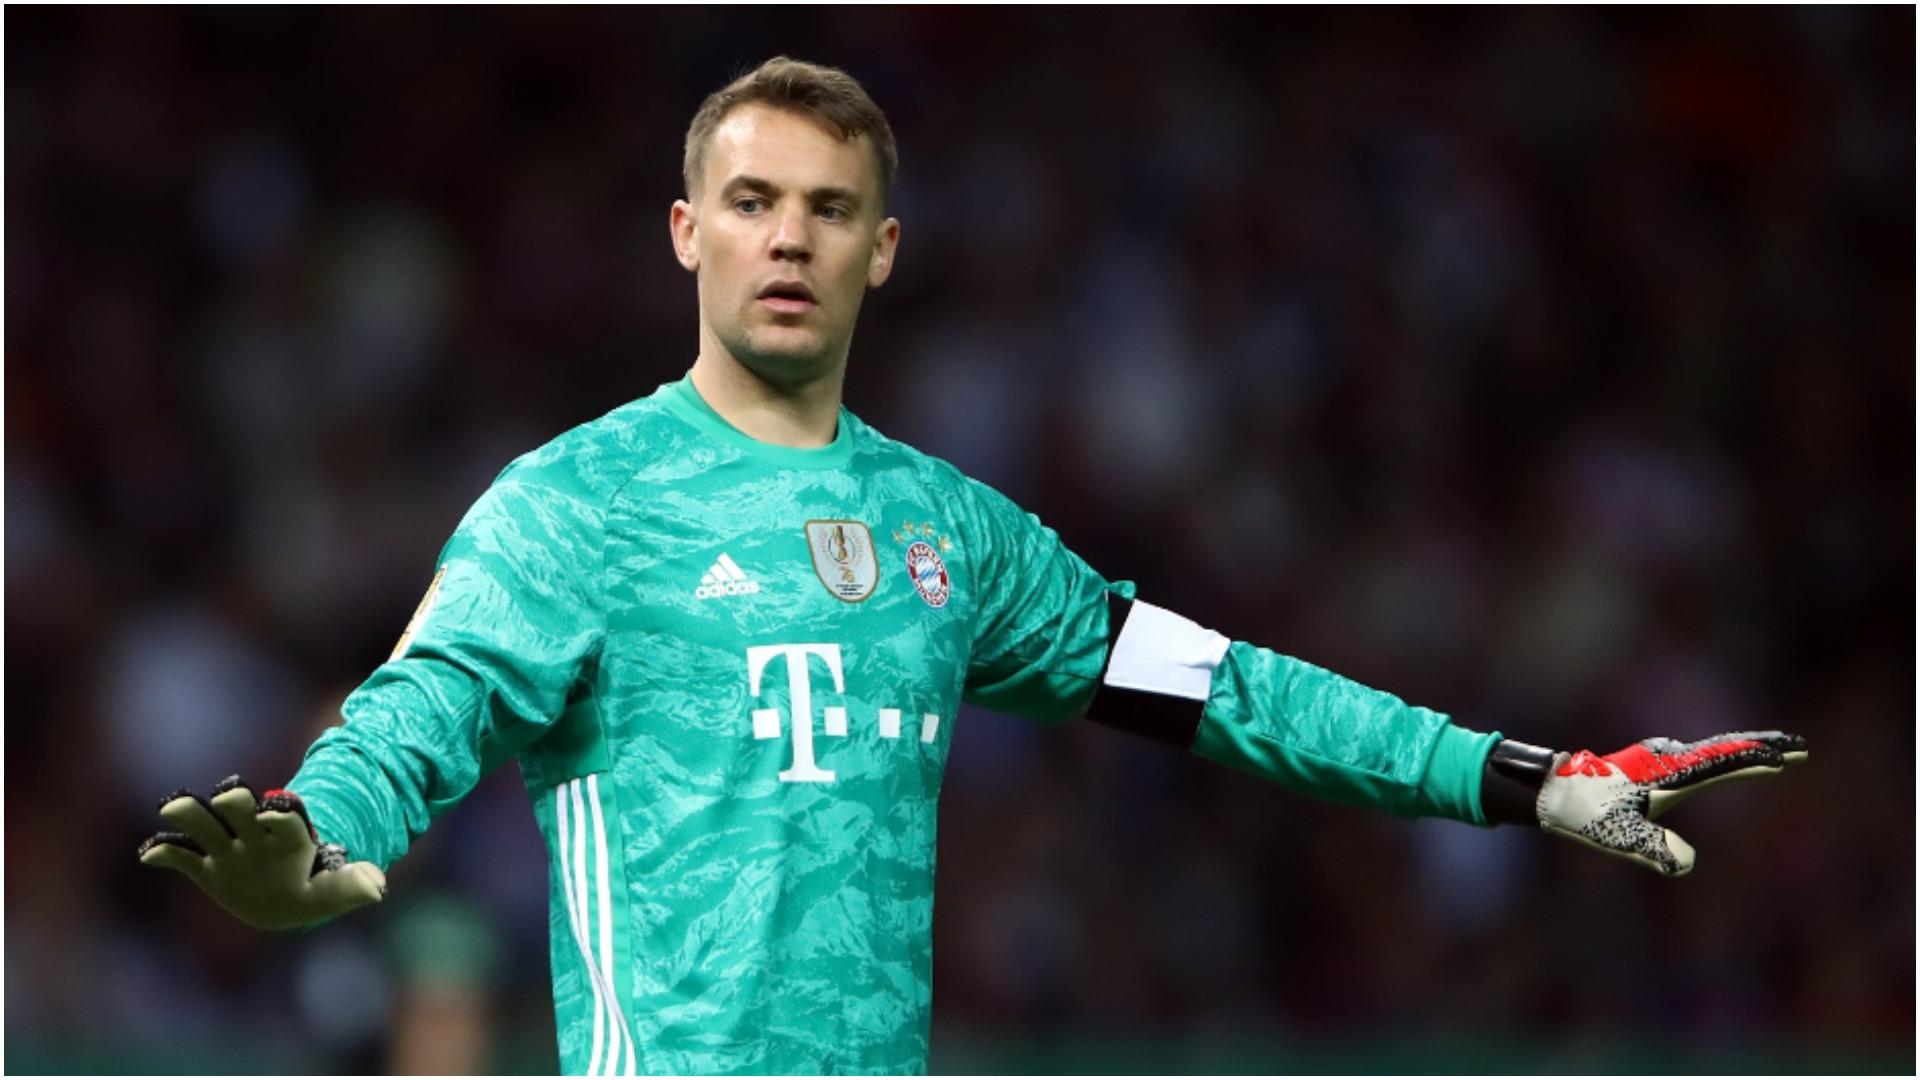 Neuer luan me nervat e Bayern Munchen, tjetër kërkesë për të rinovuar